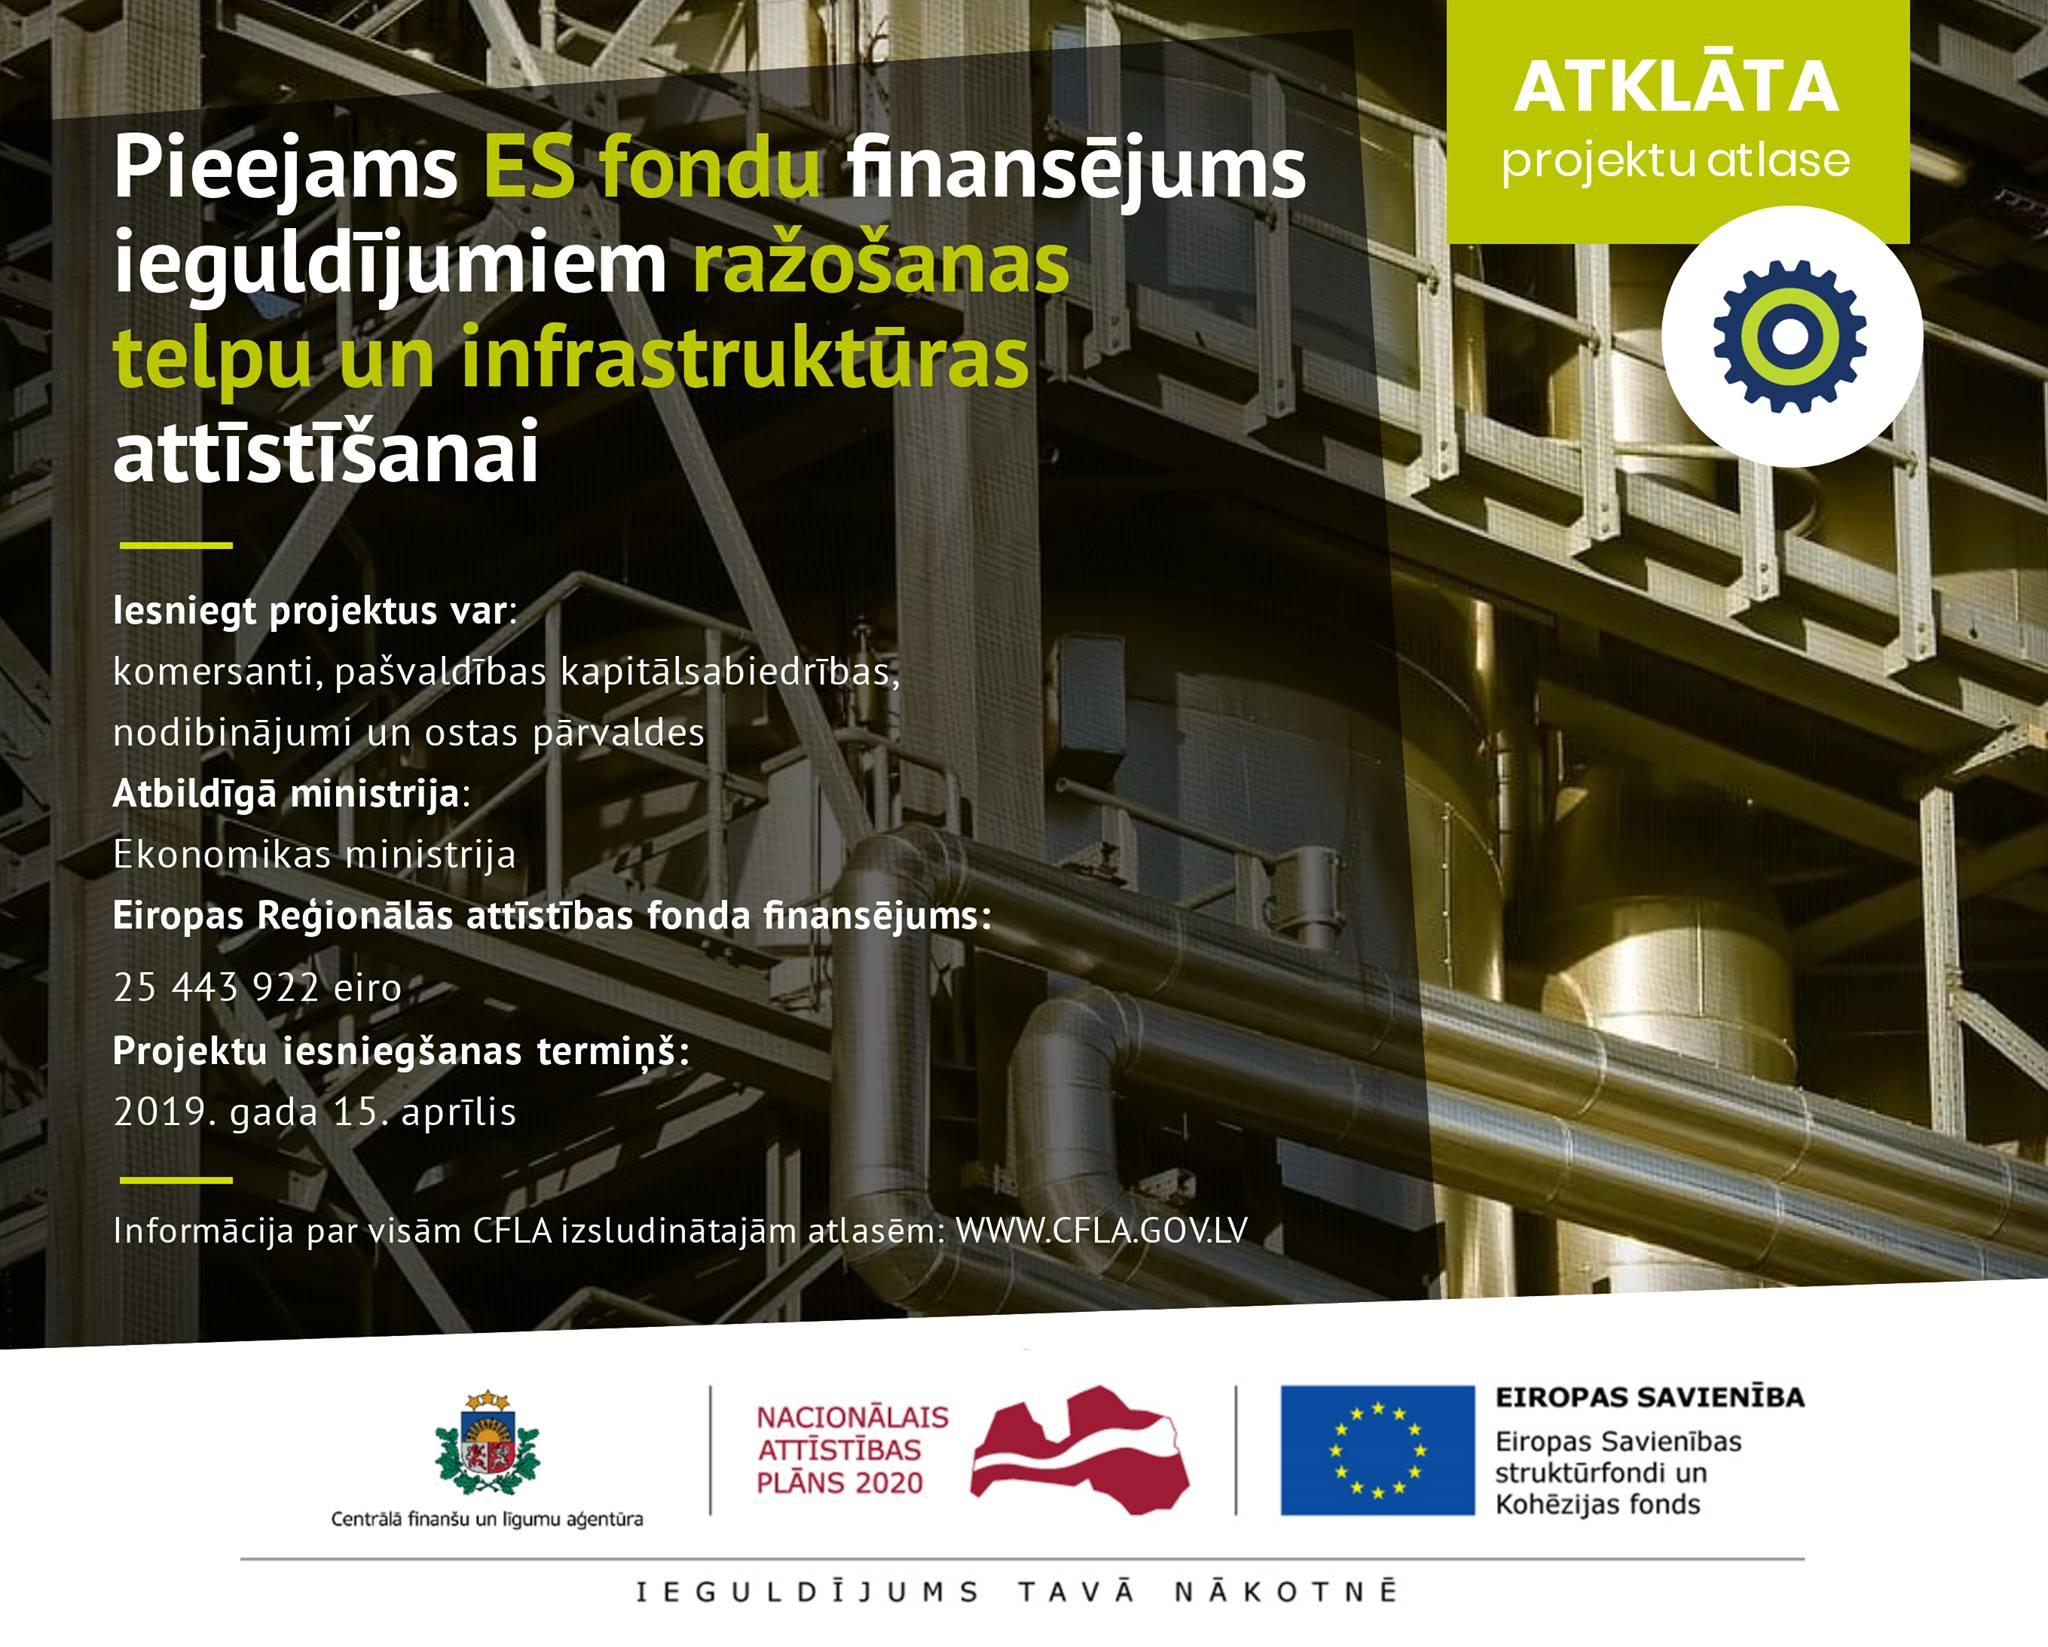 Var iegūt atbalstu ieguldījumiem ražošanas telpu un infrastruktūras izveidē vai rekonstrukcijā